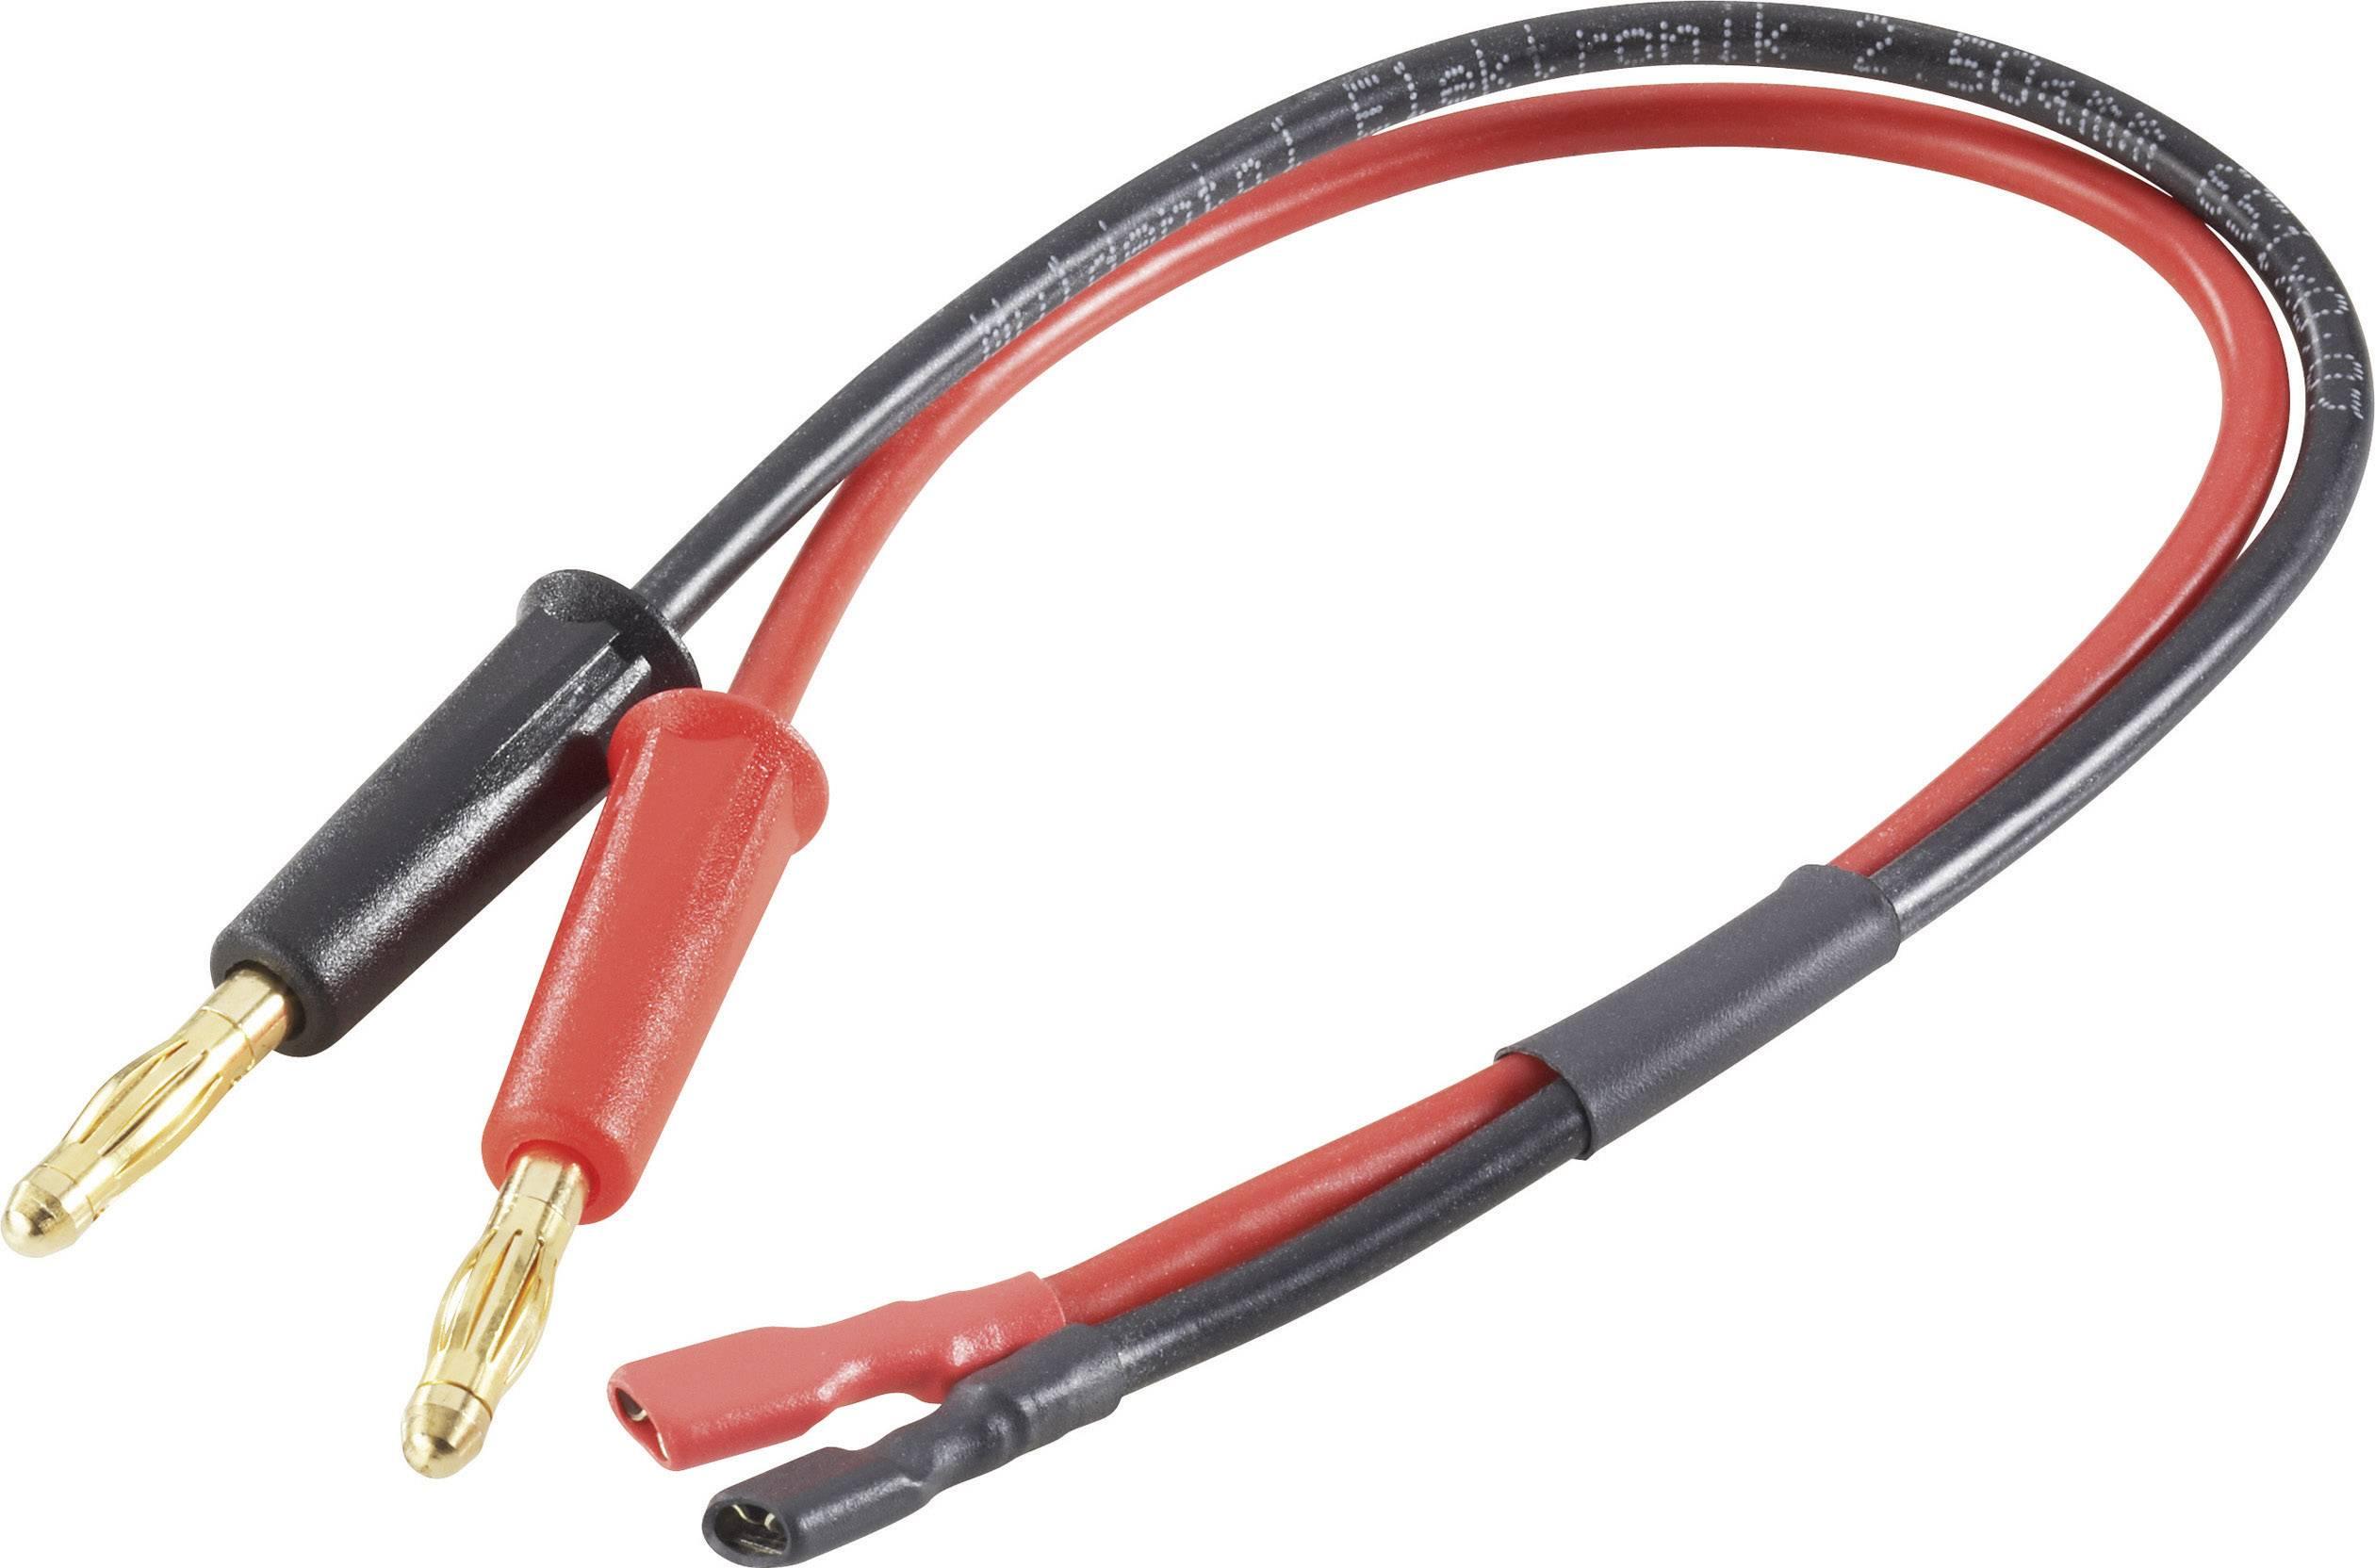 Napájecí kabel pro olověné akumulátory Modelcraft, 250 mm, 2,5 mm²